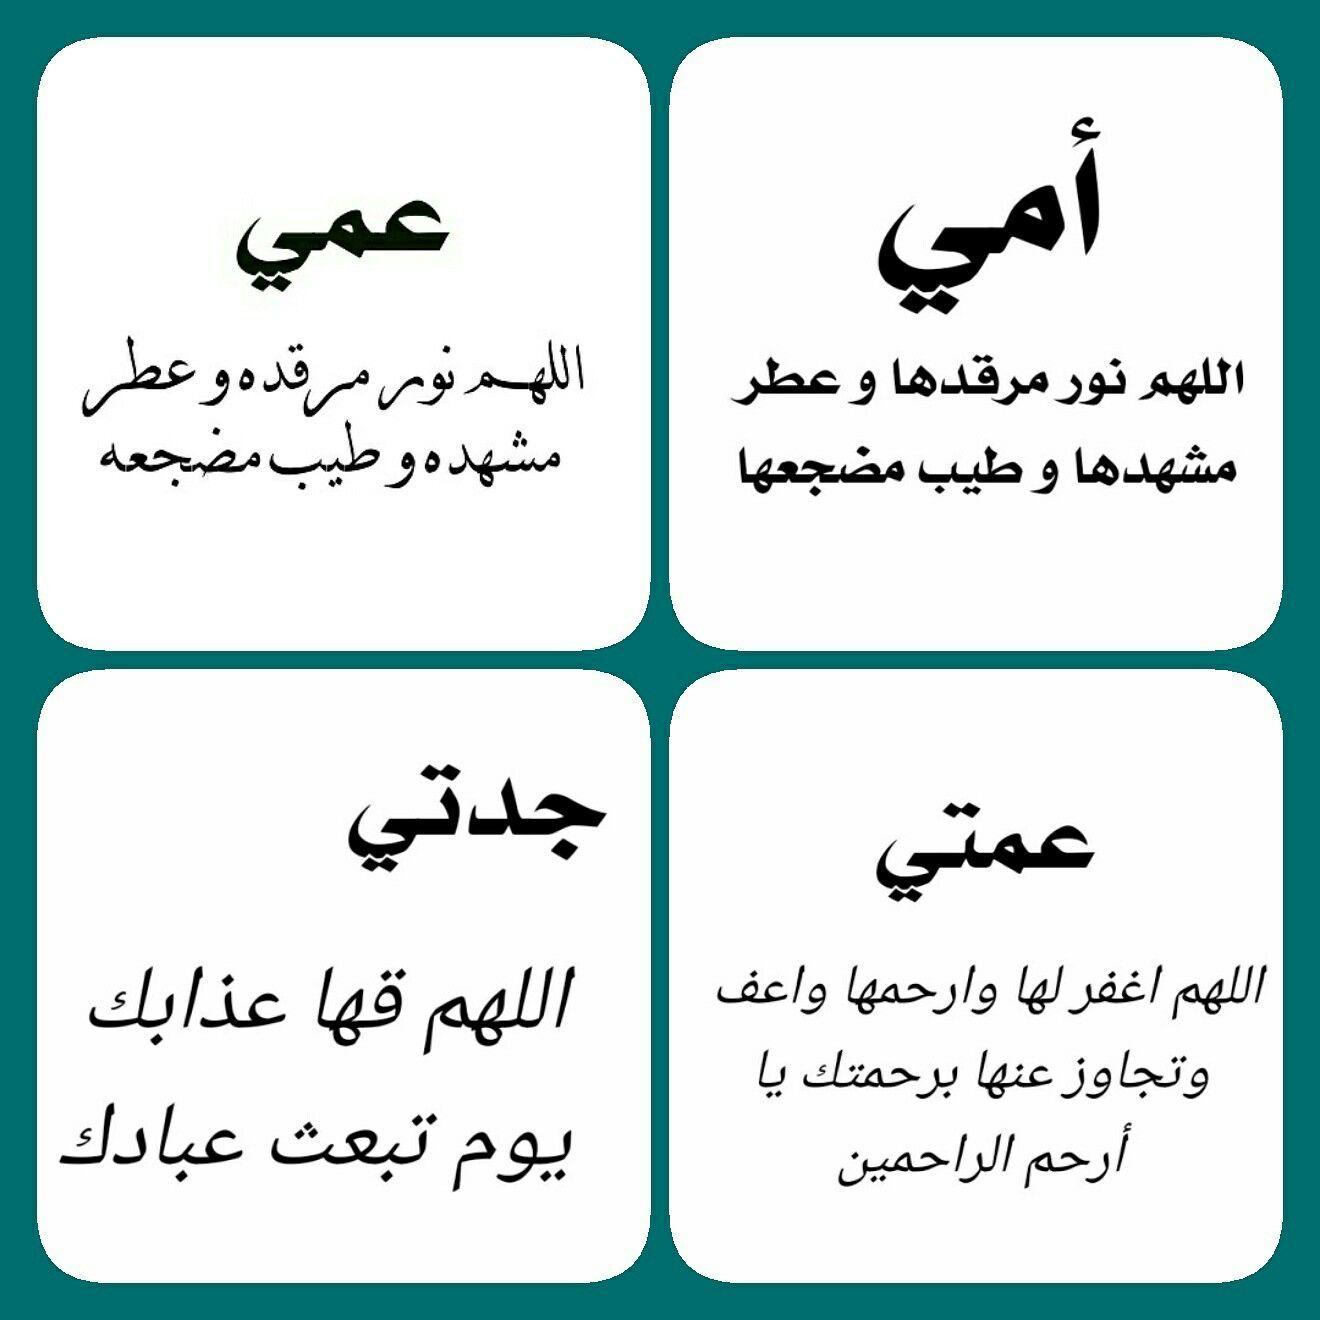 عرب فوتو تصويري السعودية غرد بصورة انستقرام صور صورة صوره تصميم كانون تصوير كميرا فوتو لايك مضحك من تصوير من تصميمي هاش Bullet Journal Journal